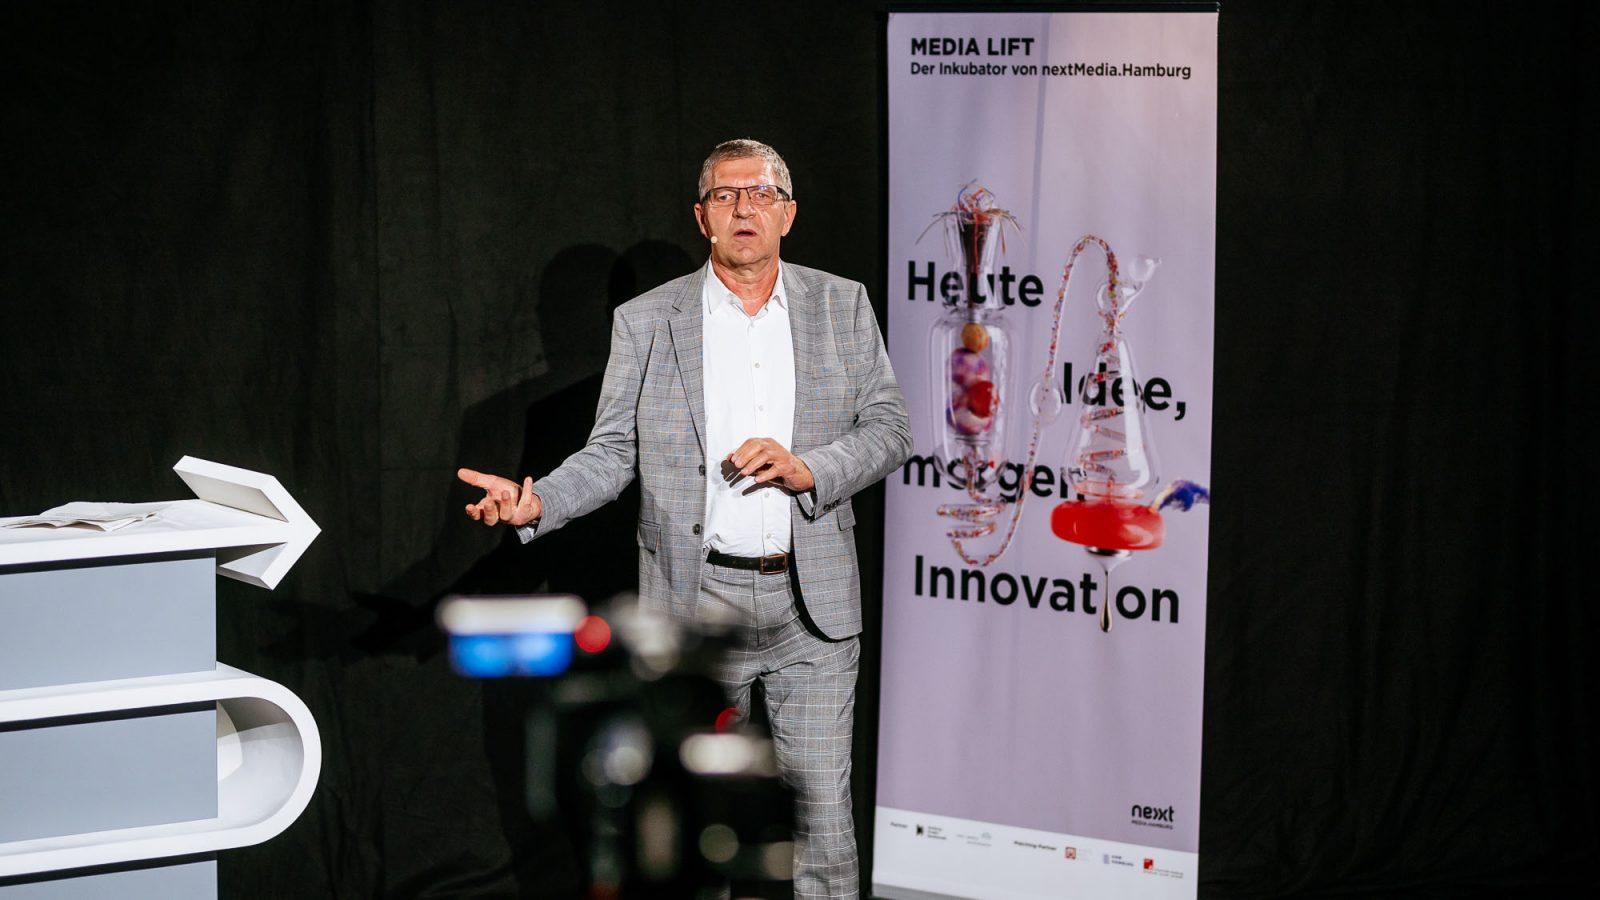 """""""Der Inkubator ist ein gutes Investment in den führenden Medienstandort Hamburg"""", so Egbert Rühl."""